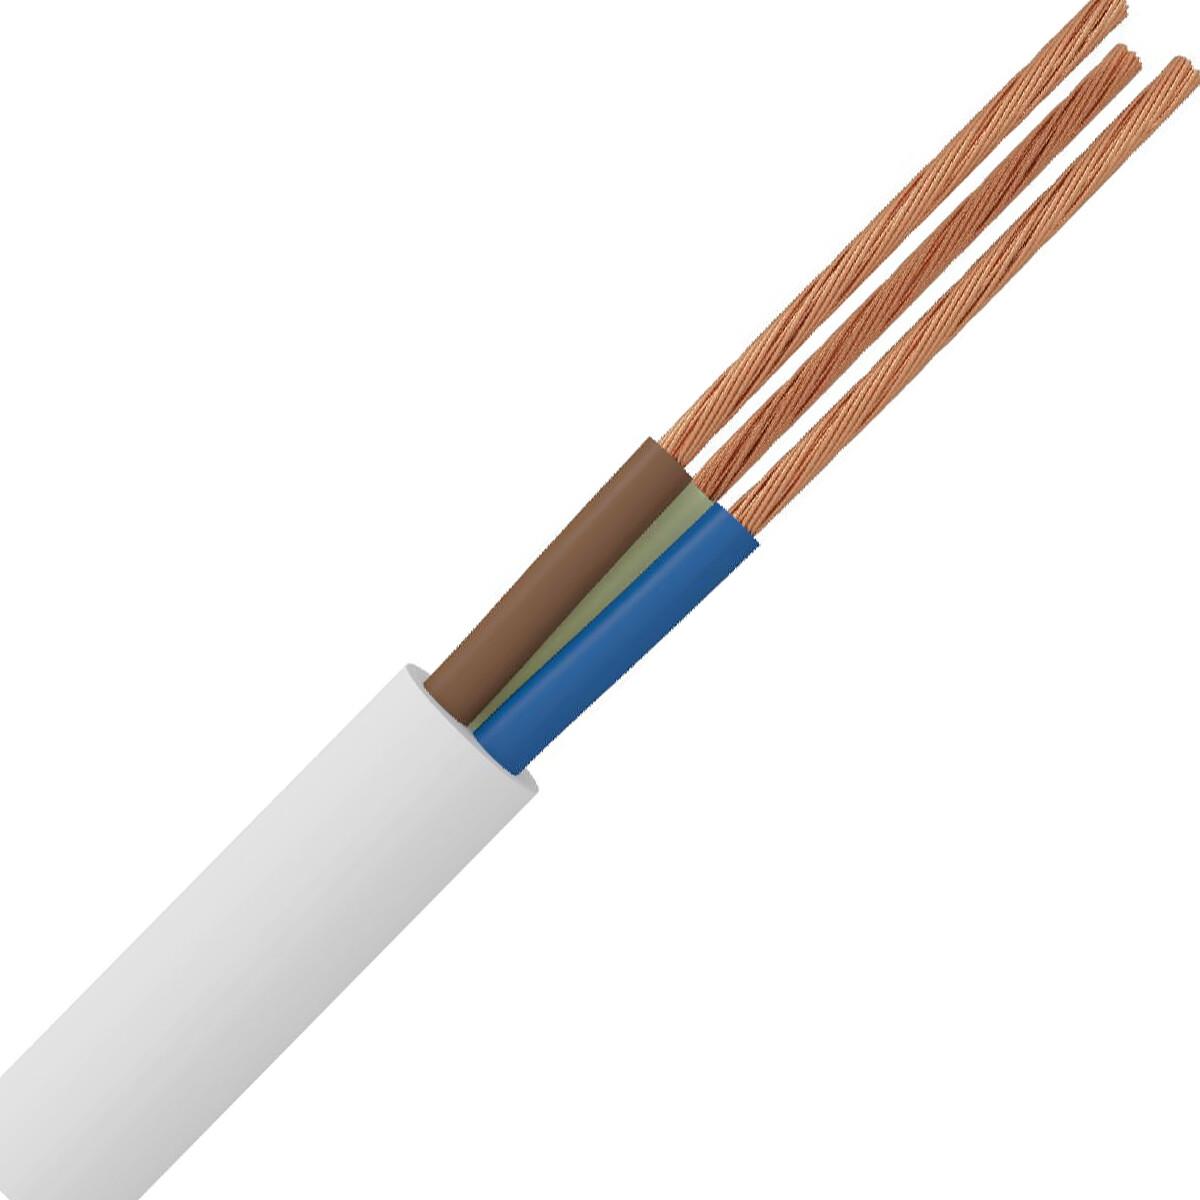 Stroomkabel - 3x2.5mm - 3 Aderig - 3 Meter - Wit